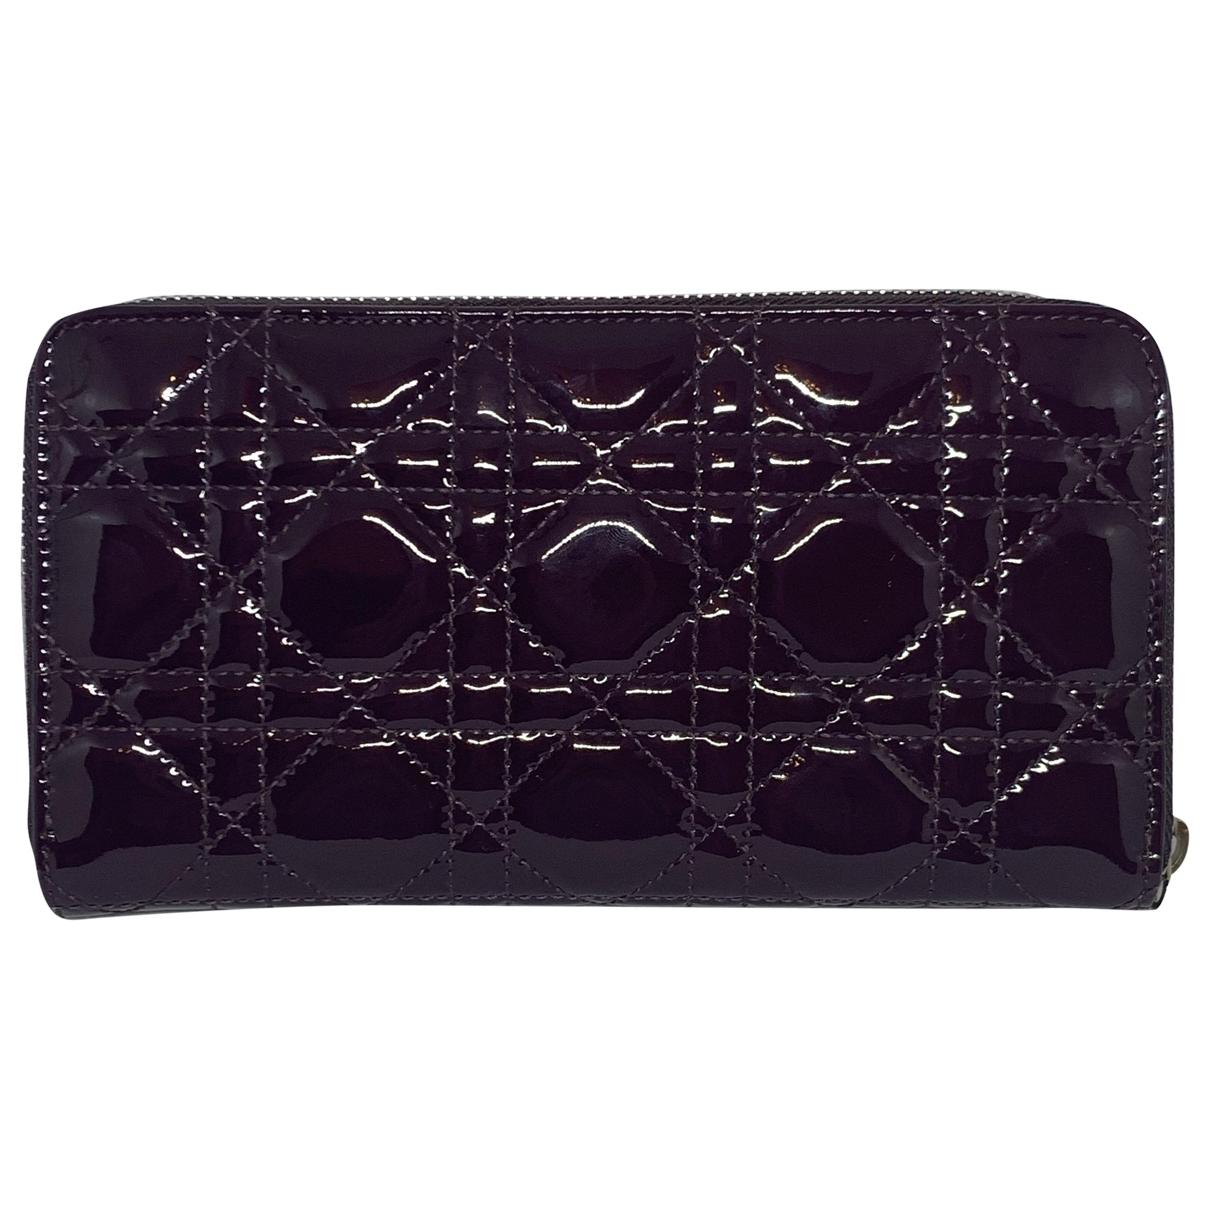 Dior - Portefeuille Lady Dior pour femme en cuir verni - violet